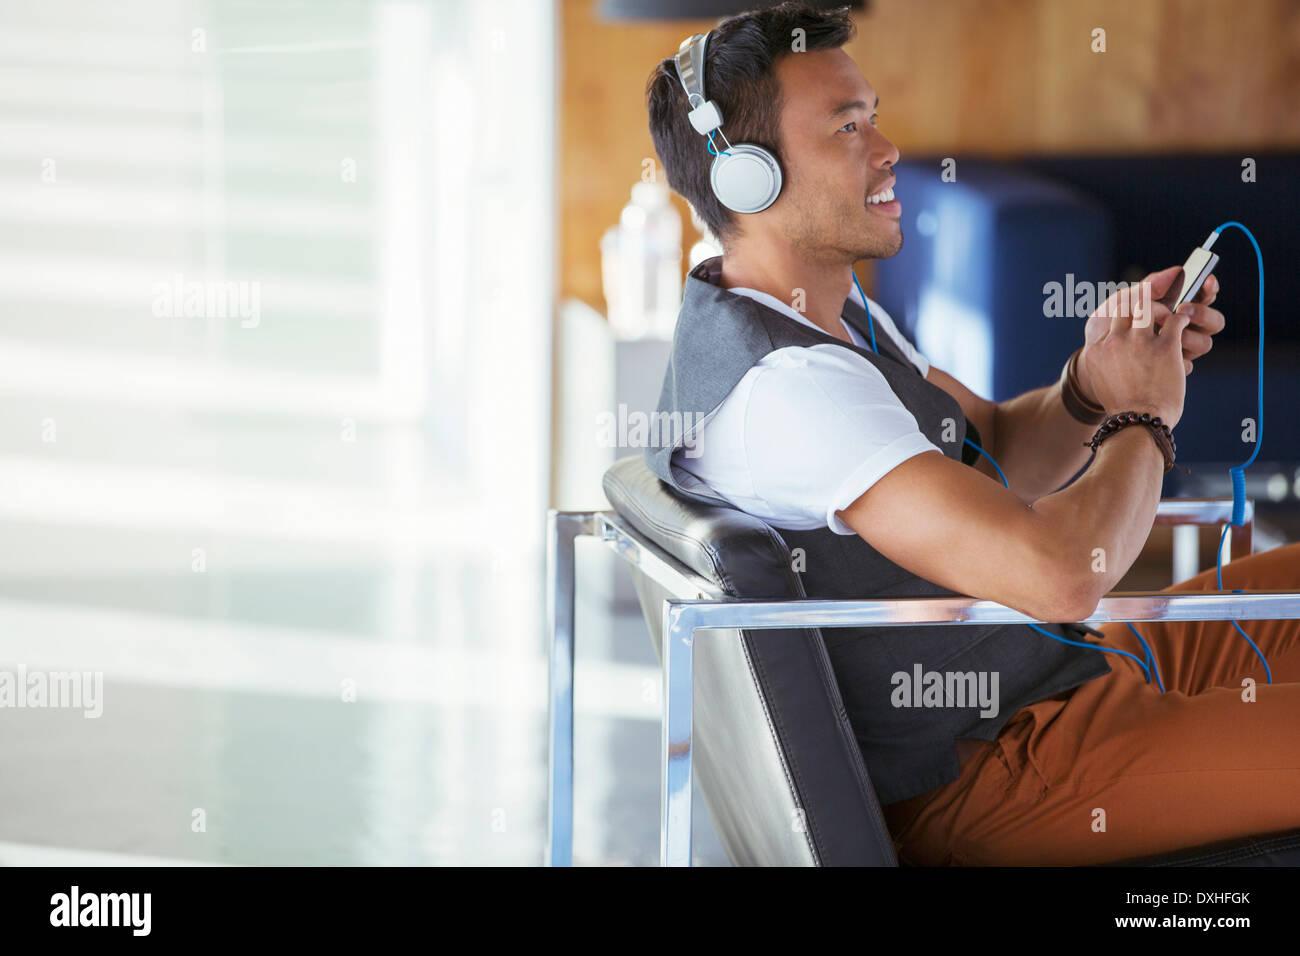 Smiling businessman écouter de la musique sur un lecteur mp3 avec des écouteurs Photo Stock